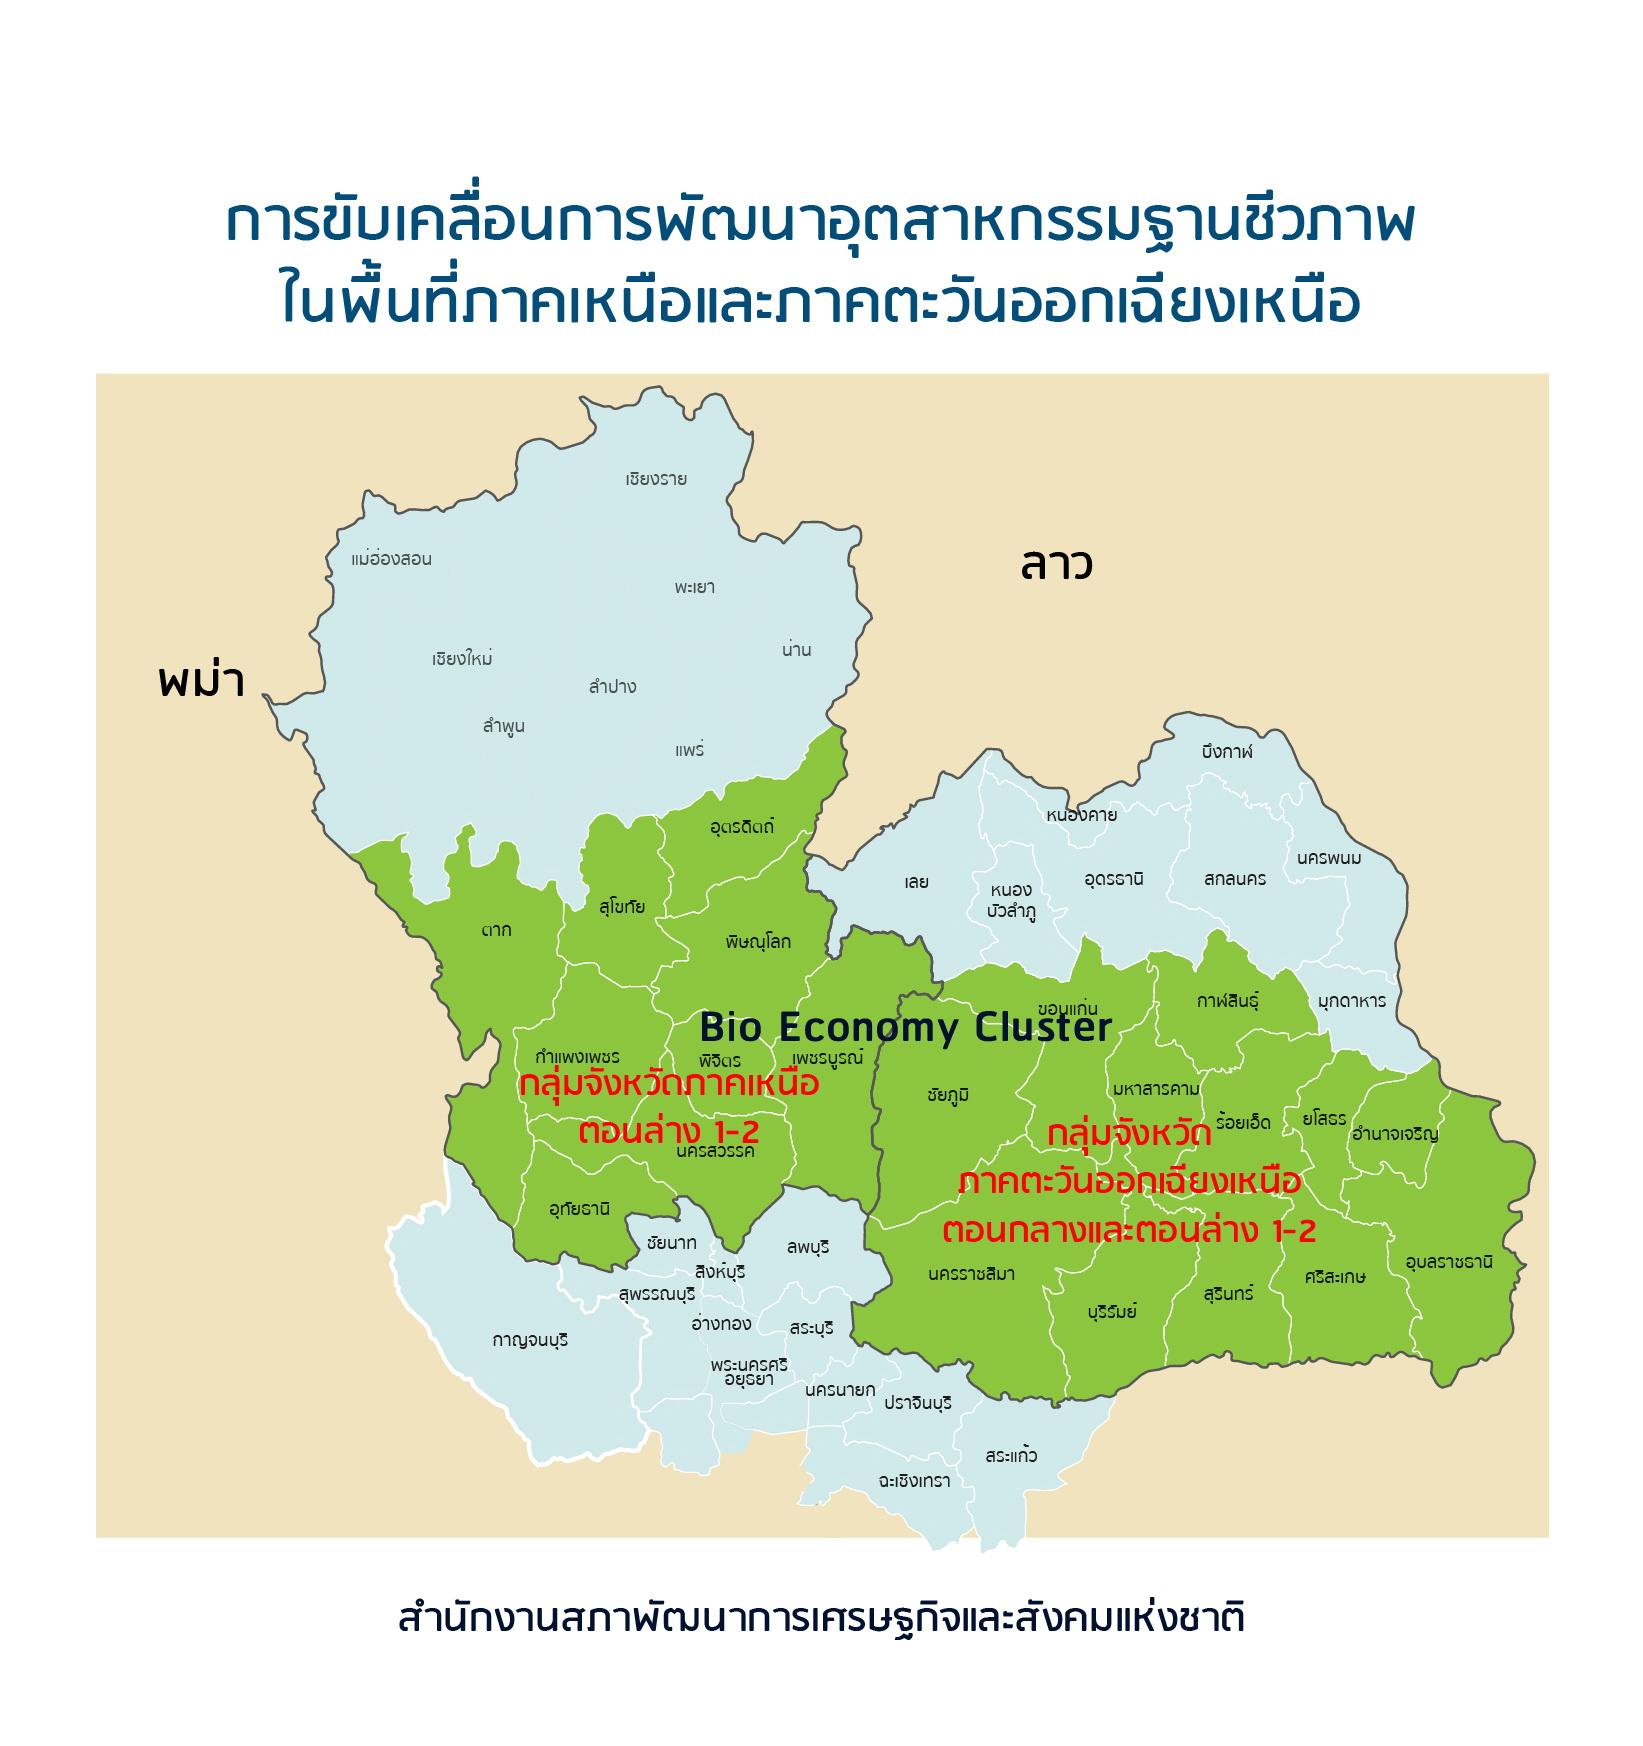 สศช. เผย ผลการศึกษากรณีตัวอย่างการขับเคลื่อนเกษตรอัจฉริยะ สู่การพัฒนาพื้นที่เศรษฐกิจฐานชีวภาพ